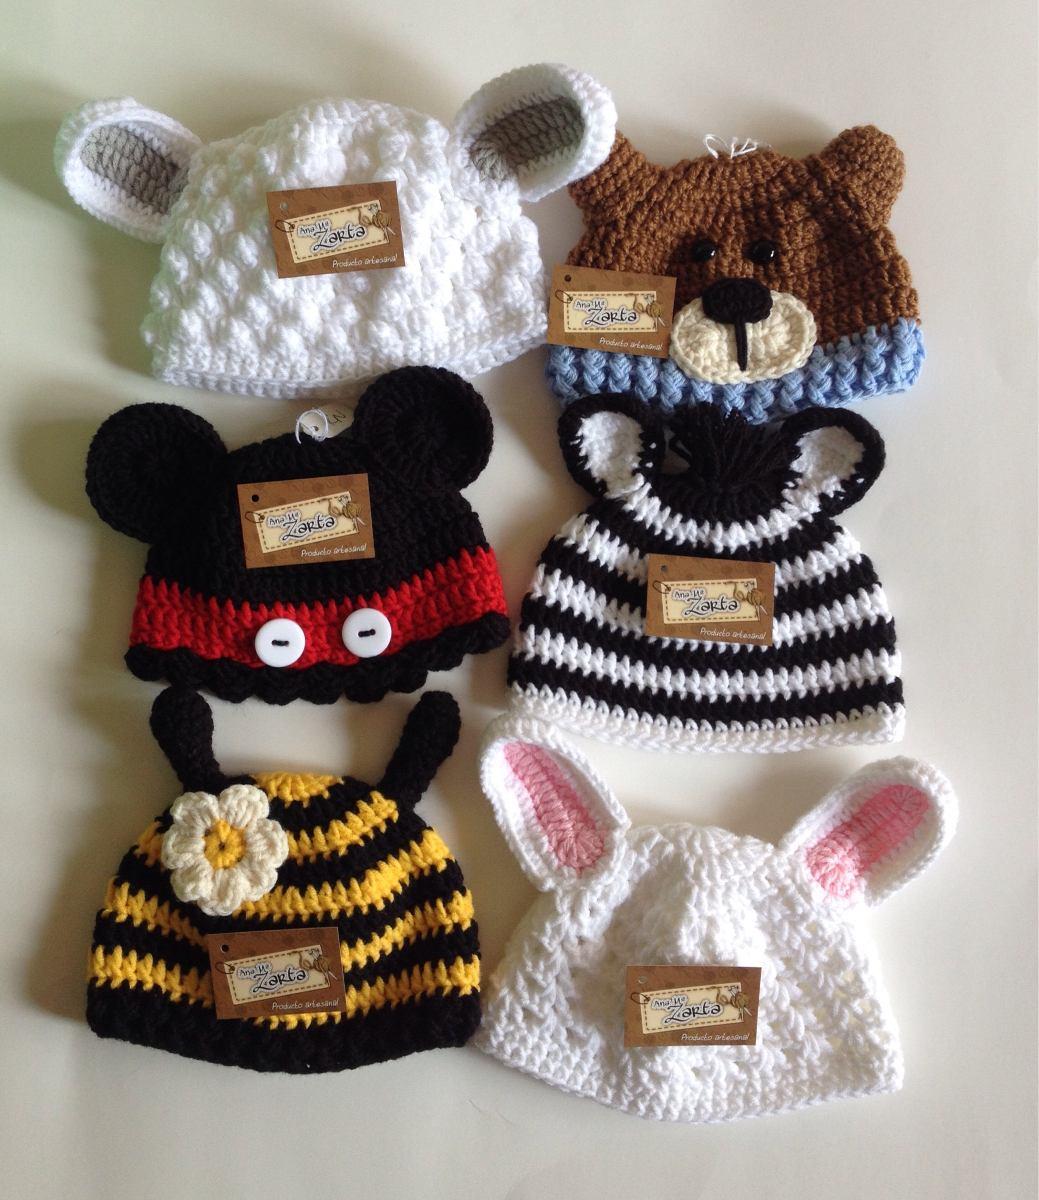 gorro bebe tejido a mano crochet animalitos niño niña fotos. Cargando zoom. ce44a6194b7